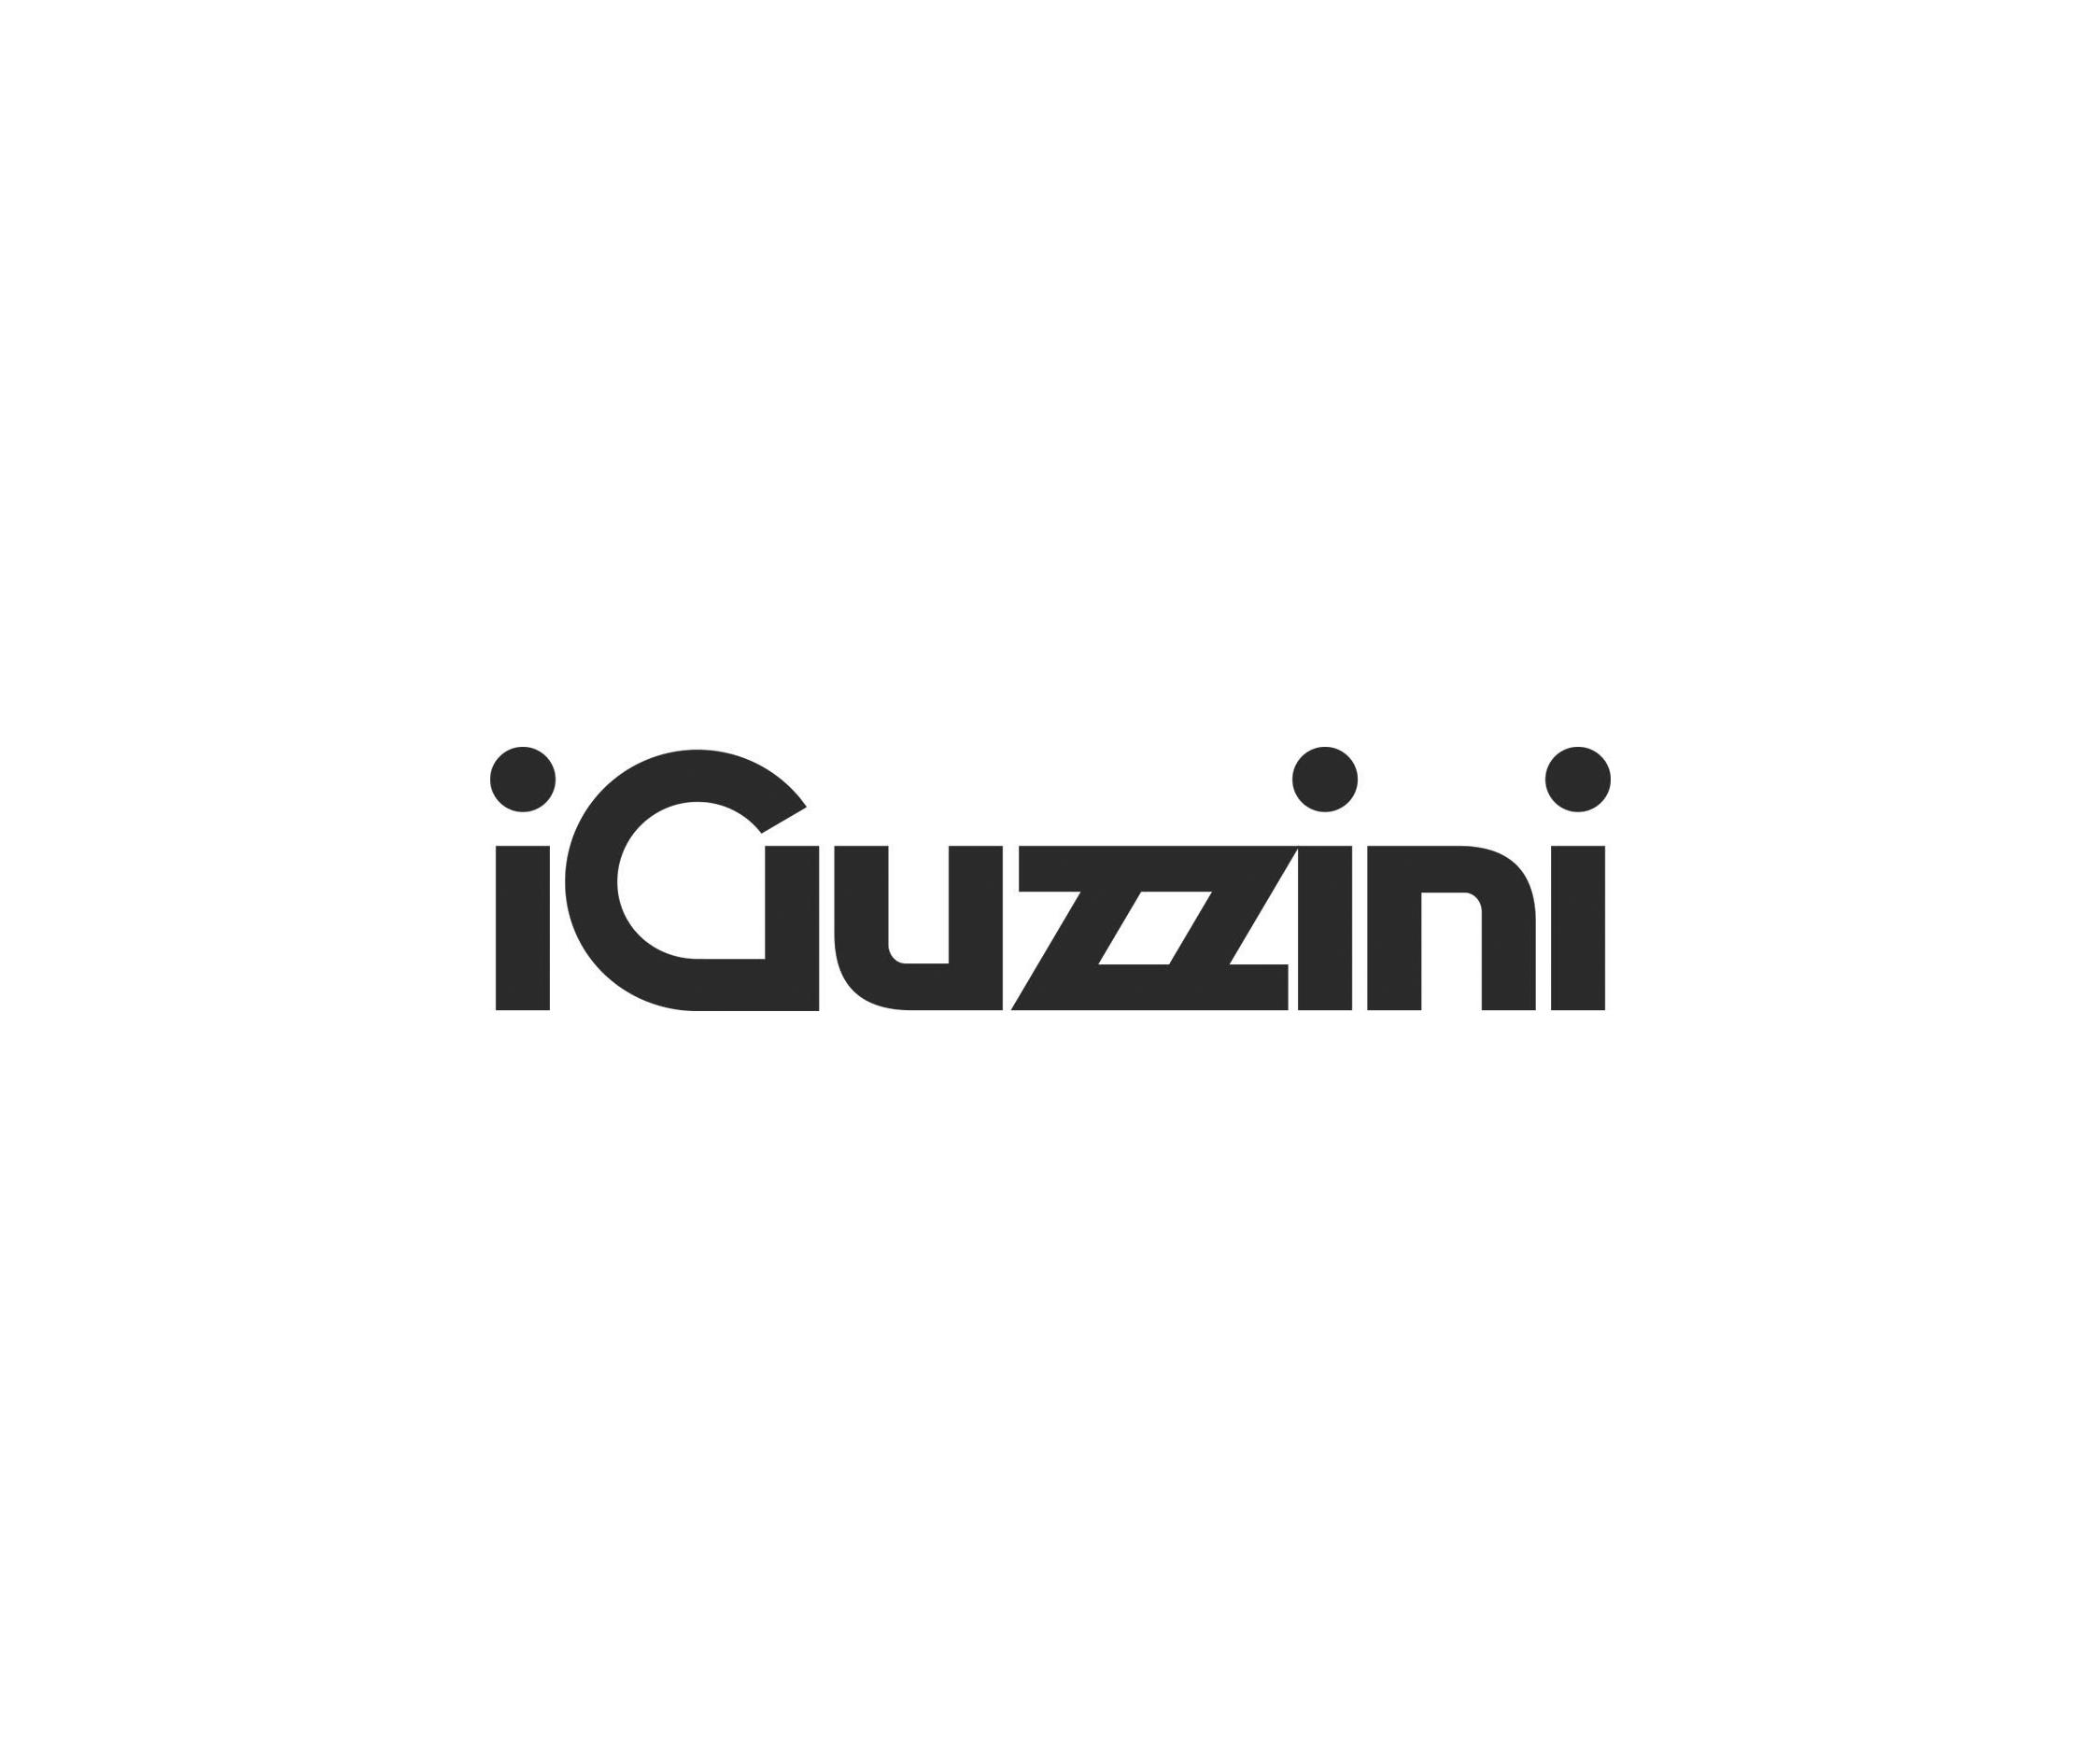 iguzzini_white.png